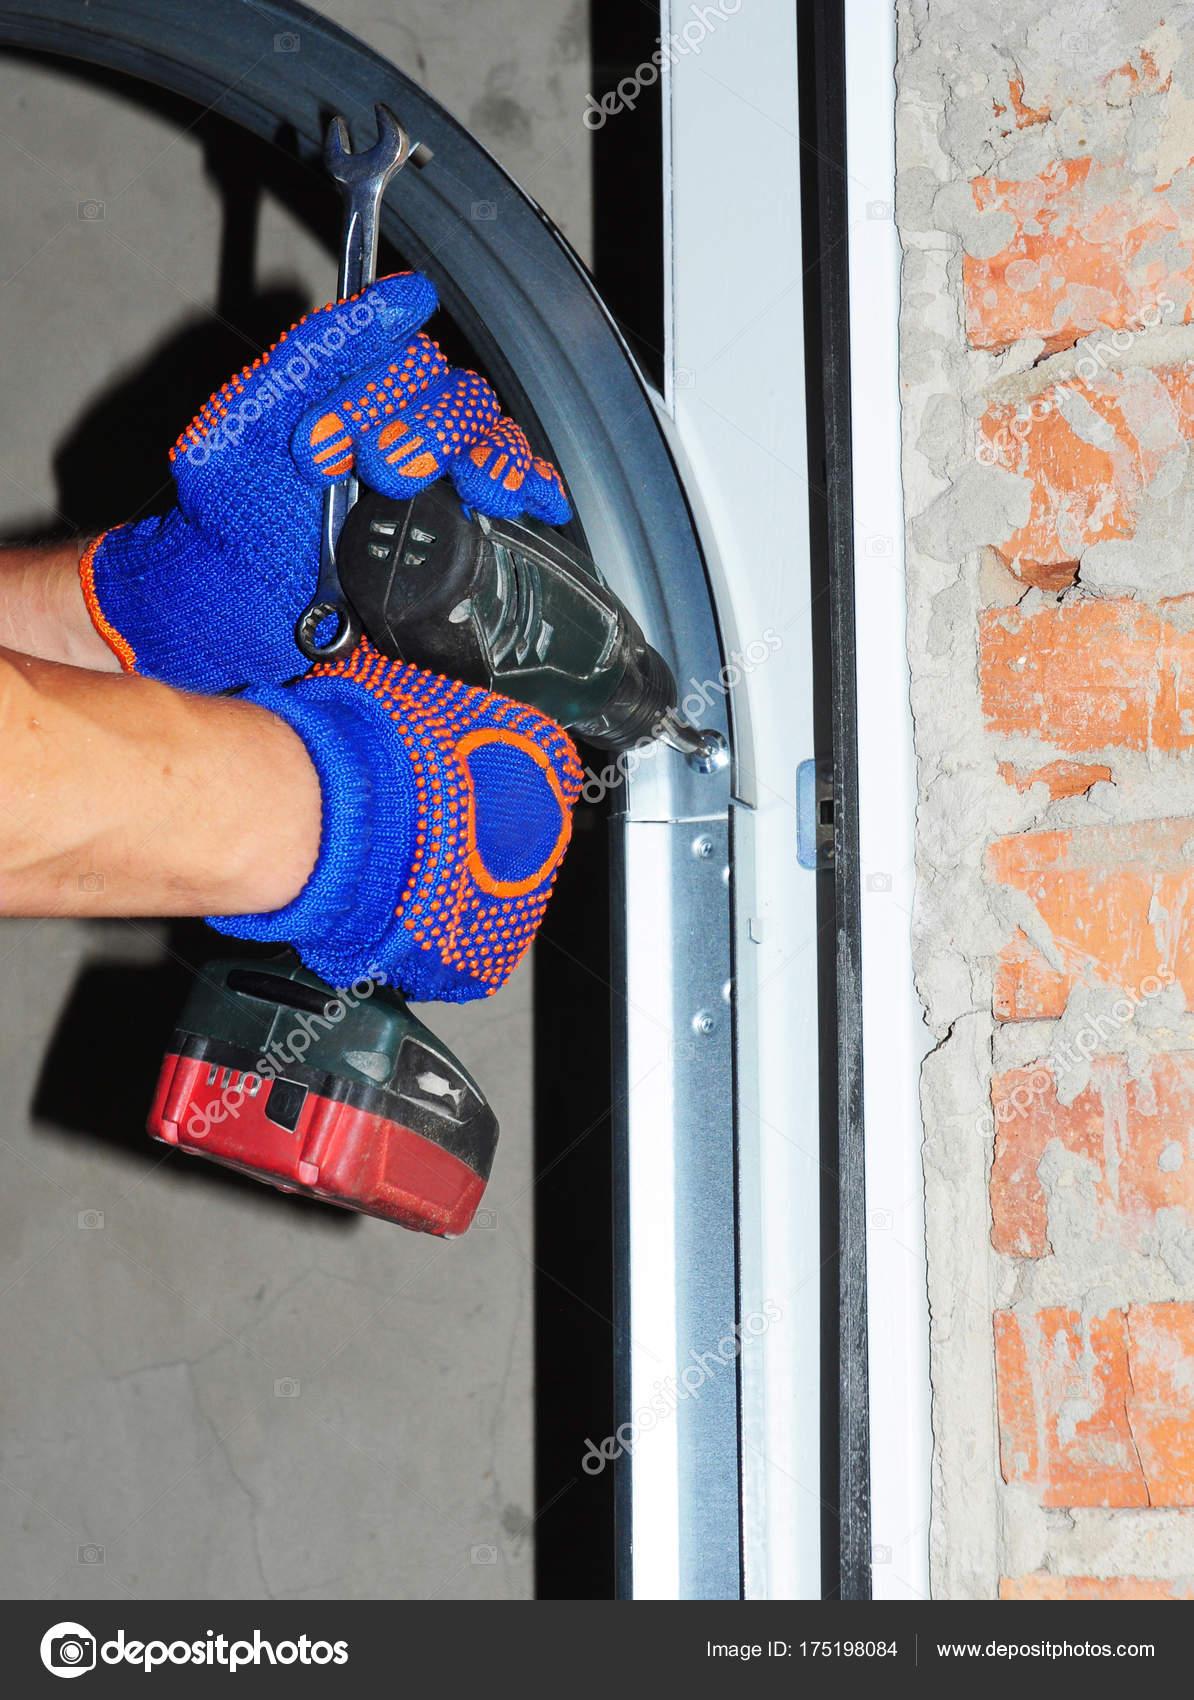 Perfect Auftragnehmer Zu Reparieren Und Installieren Garagentor. Ersetzen Sie Eine  Gebrochene Türfeder Garage U2014 Foto Von Thefutureis